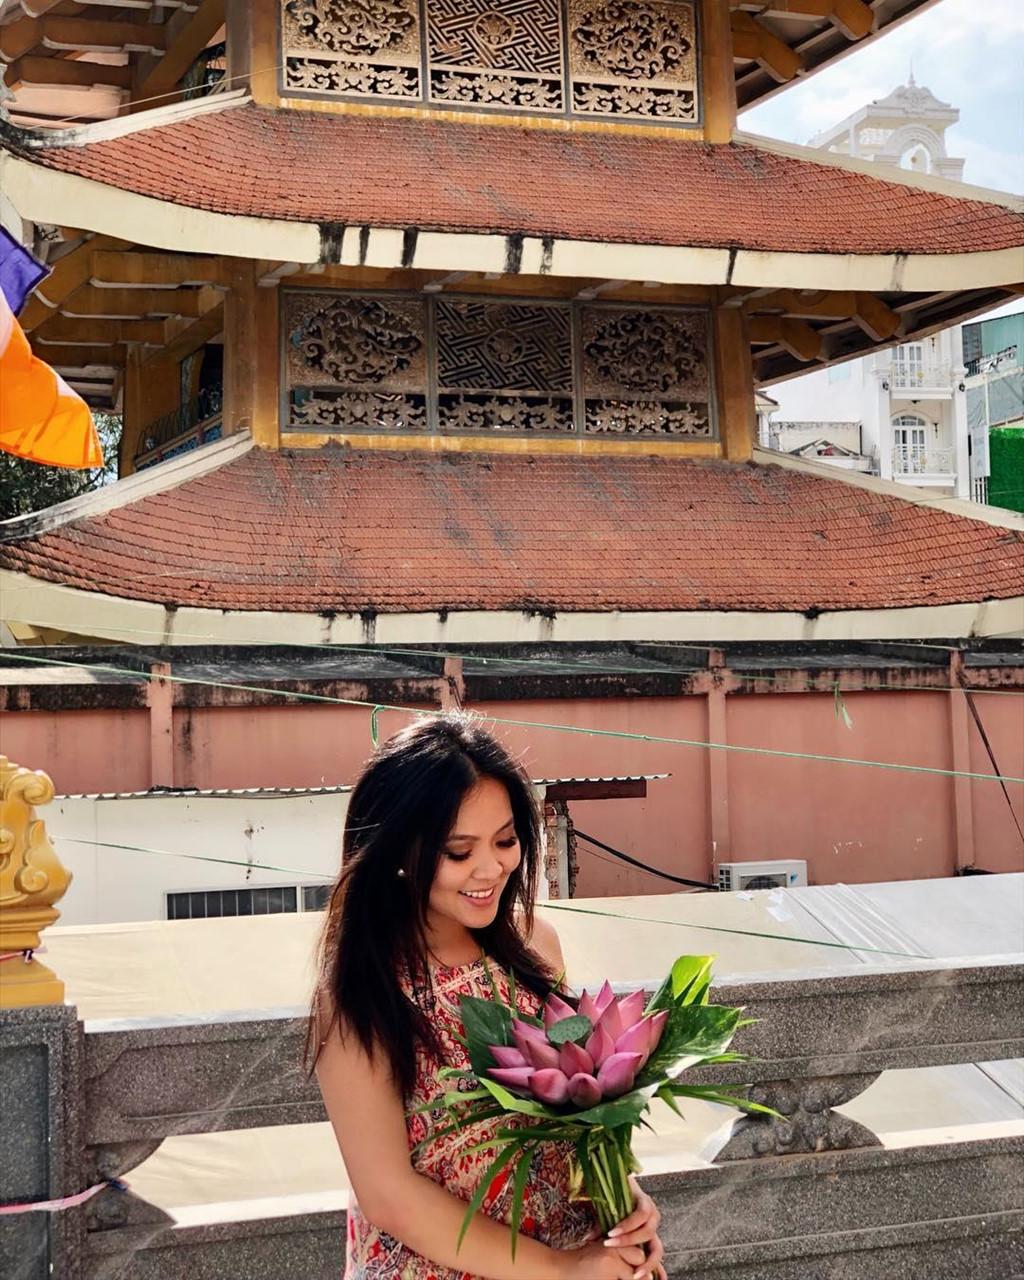 Bửu Long và 5 ngôi chùa nổi tiếng linh thiêng khu vực phía nam - Hình 9